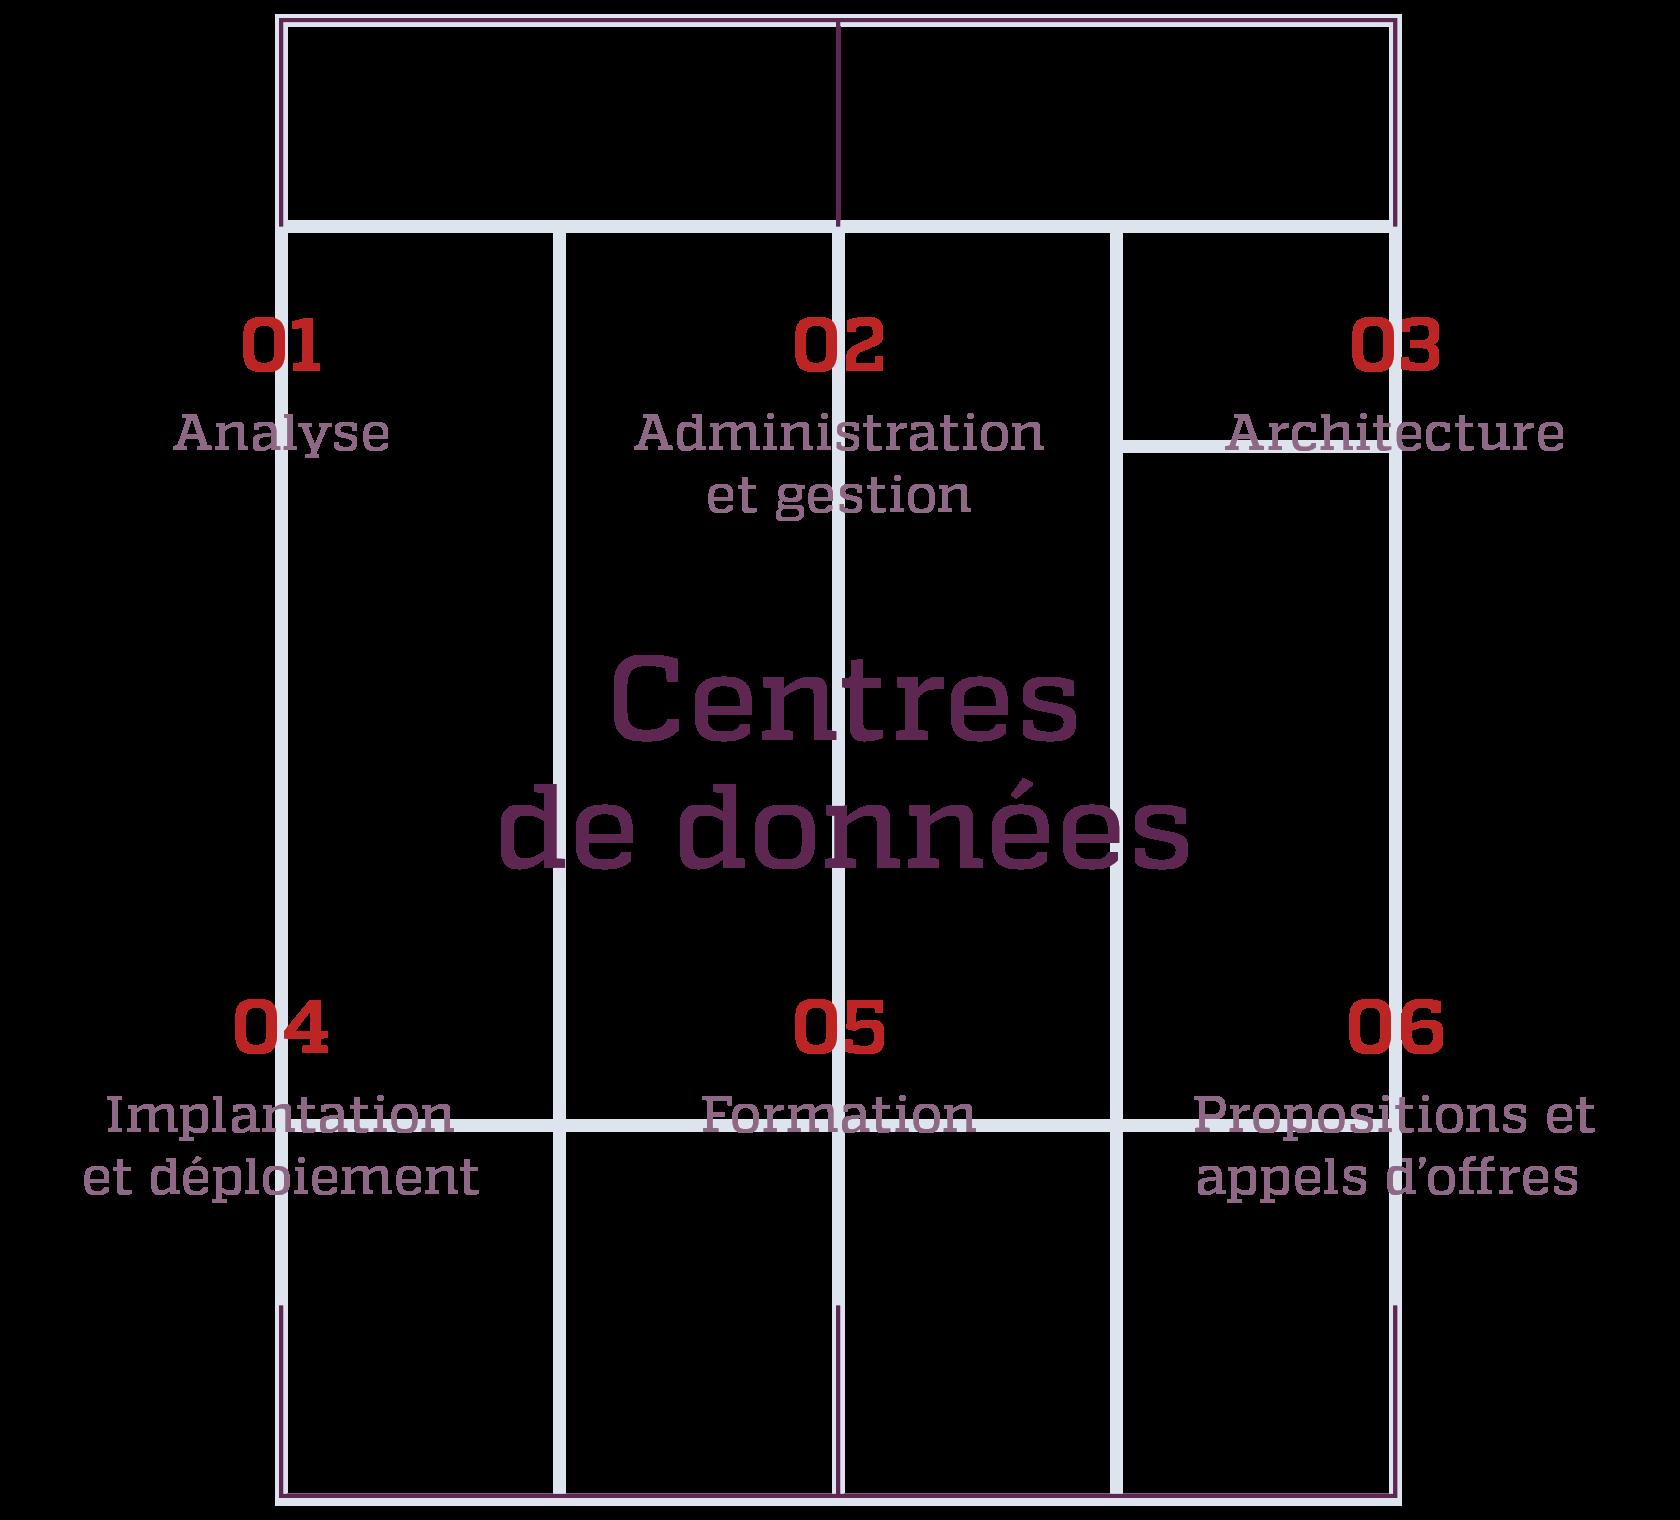 Schema de l'expertise en centres de données de Kinessor